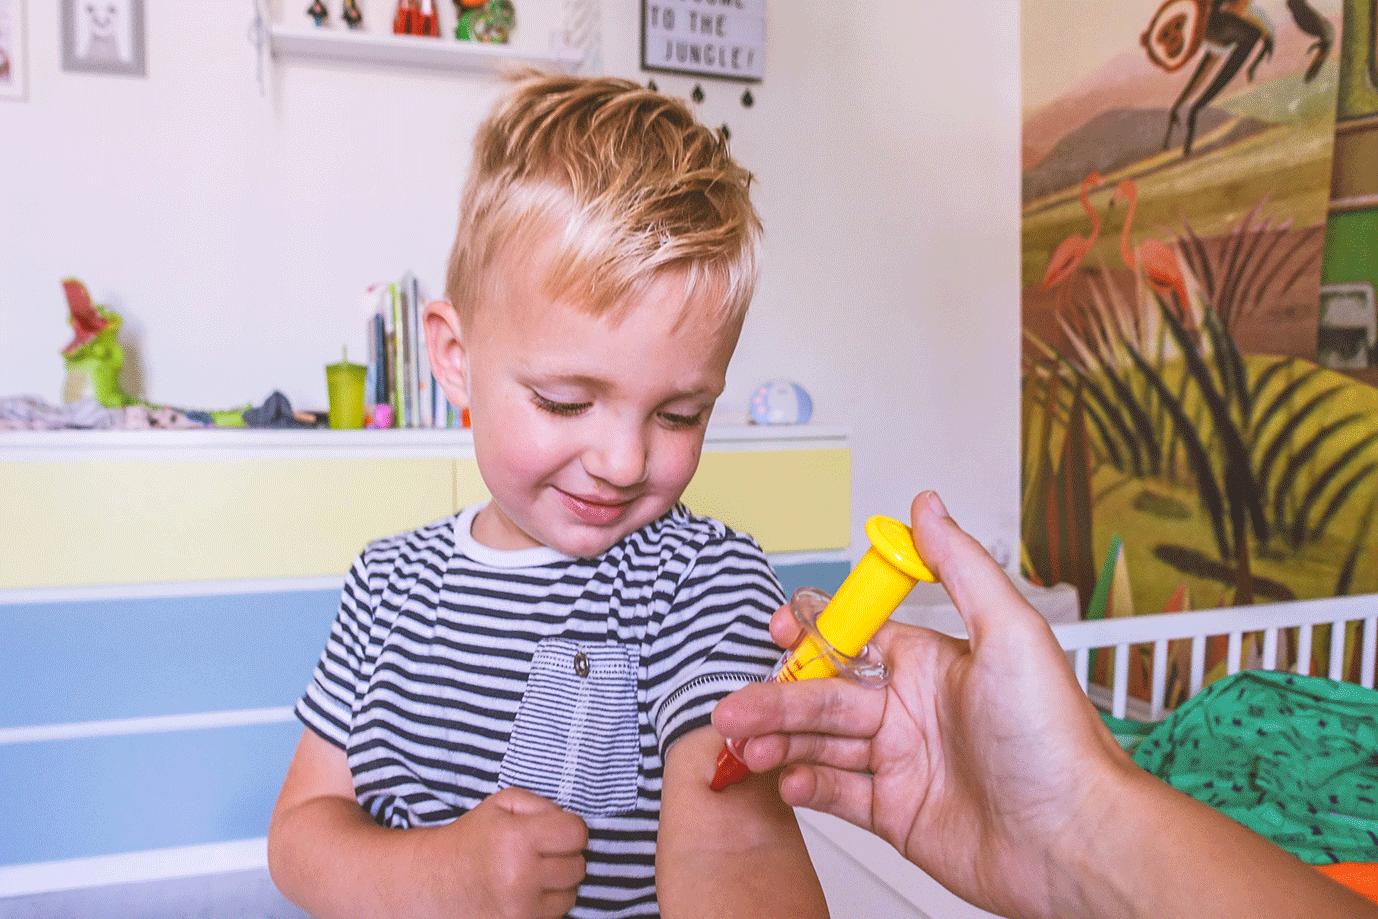 ervaring thuisvaccinatie met kinderen